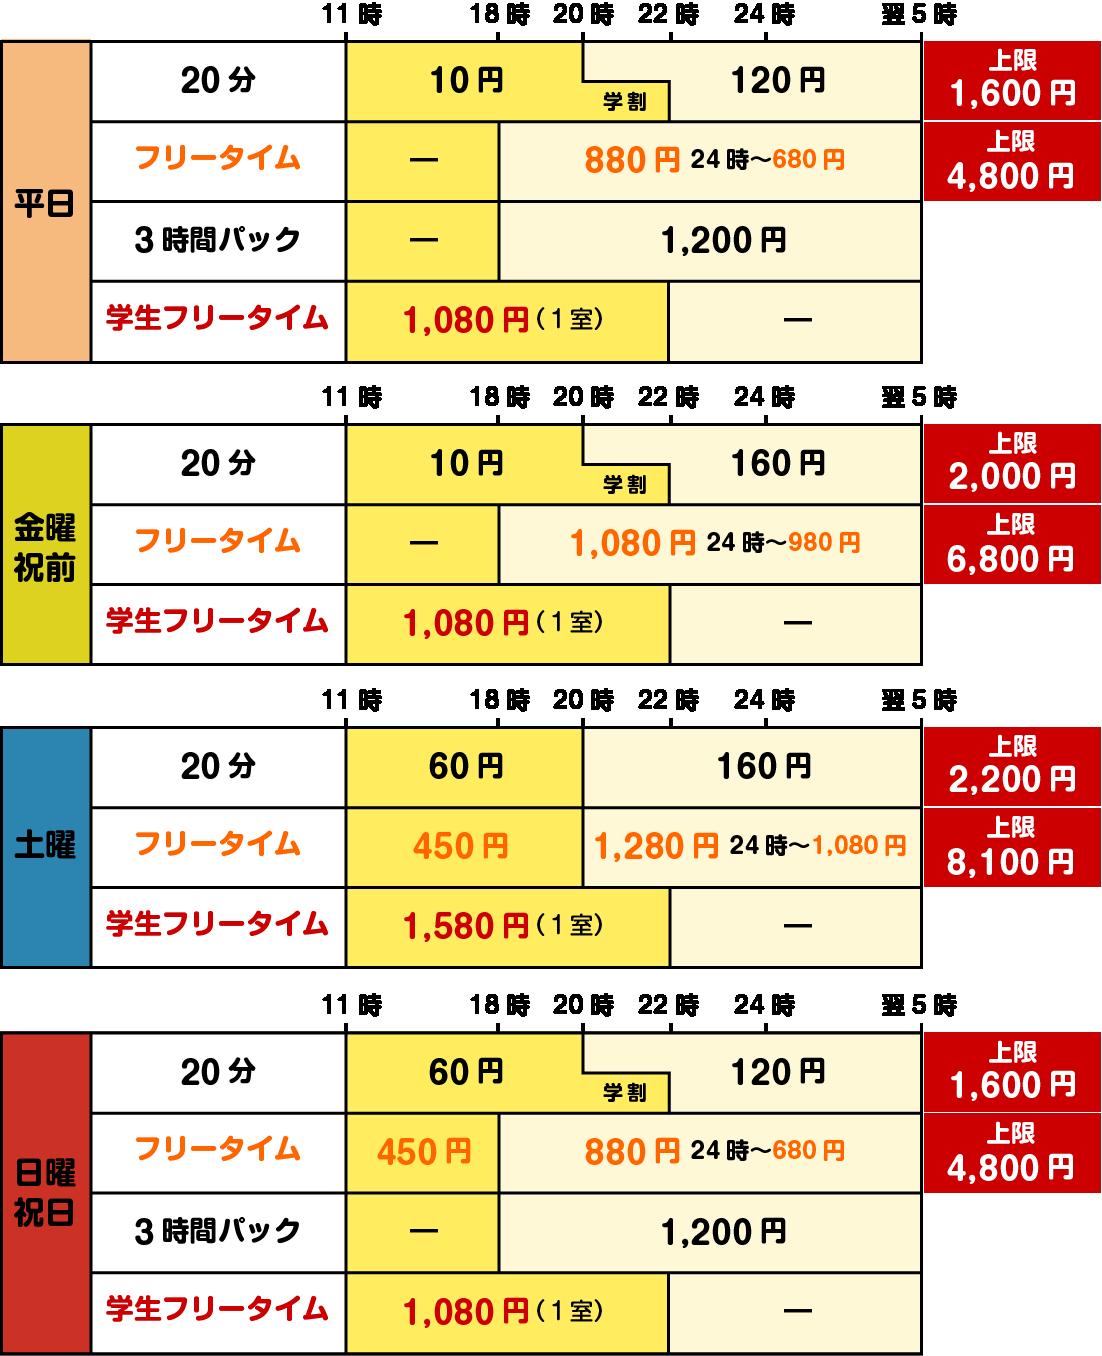 玉島店のカラオケ料金表